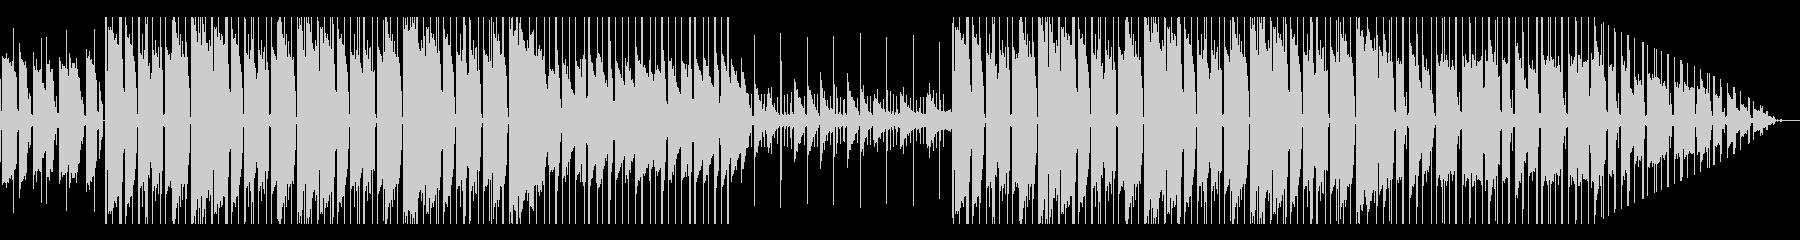 ローファイ ヒップホップ ギター ピアノの未再生の波形